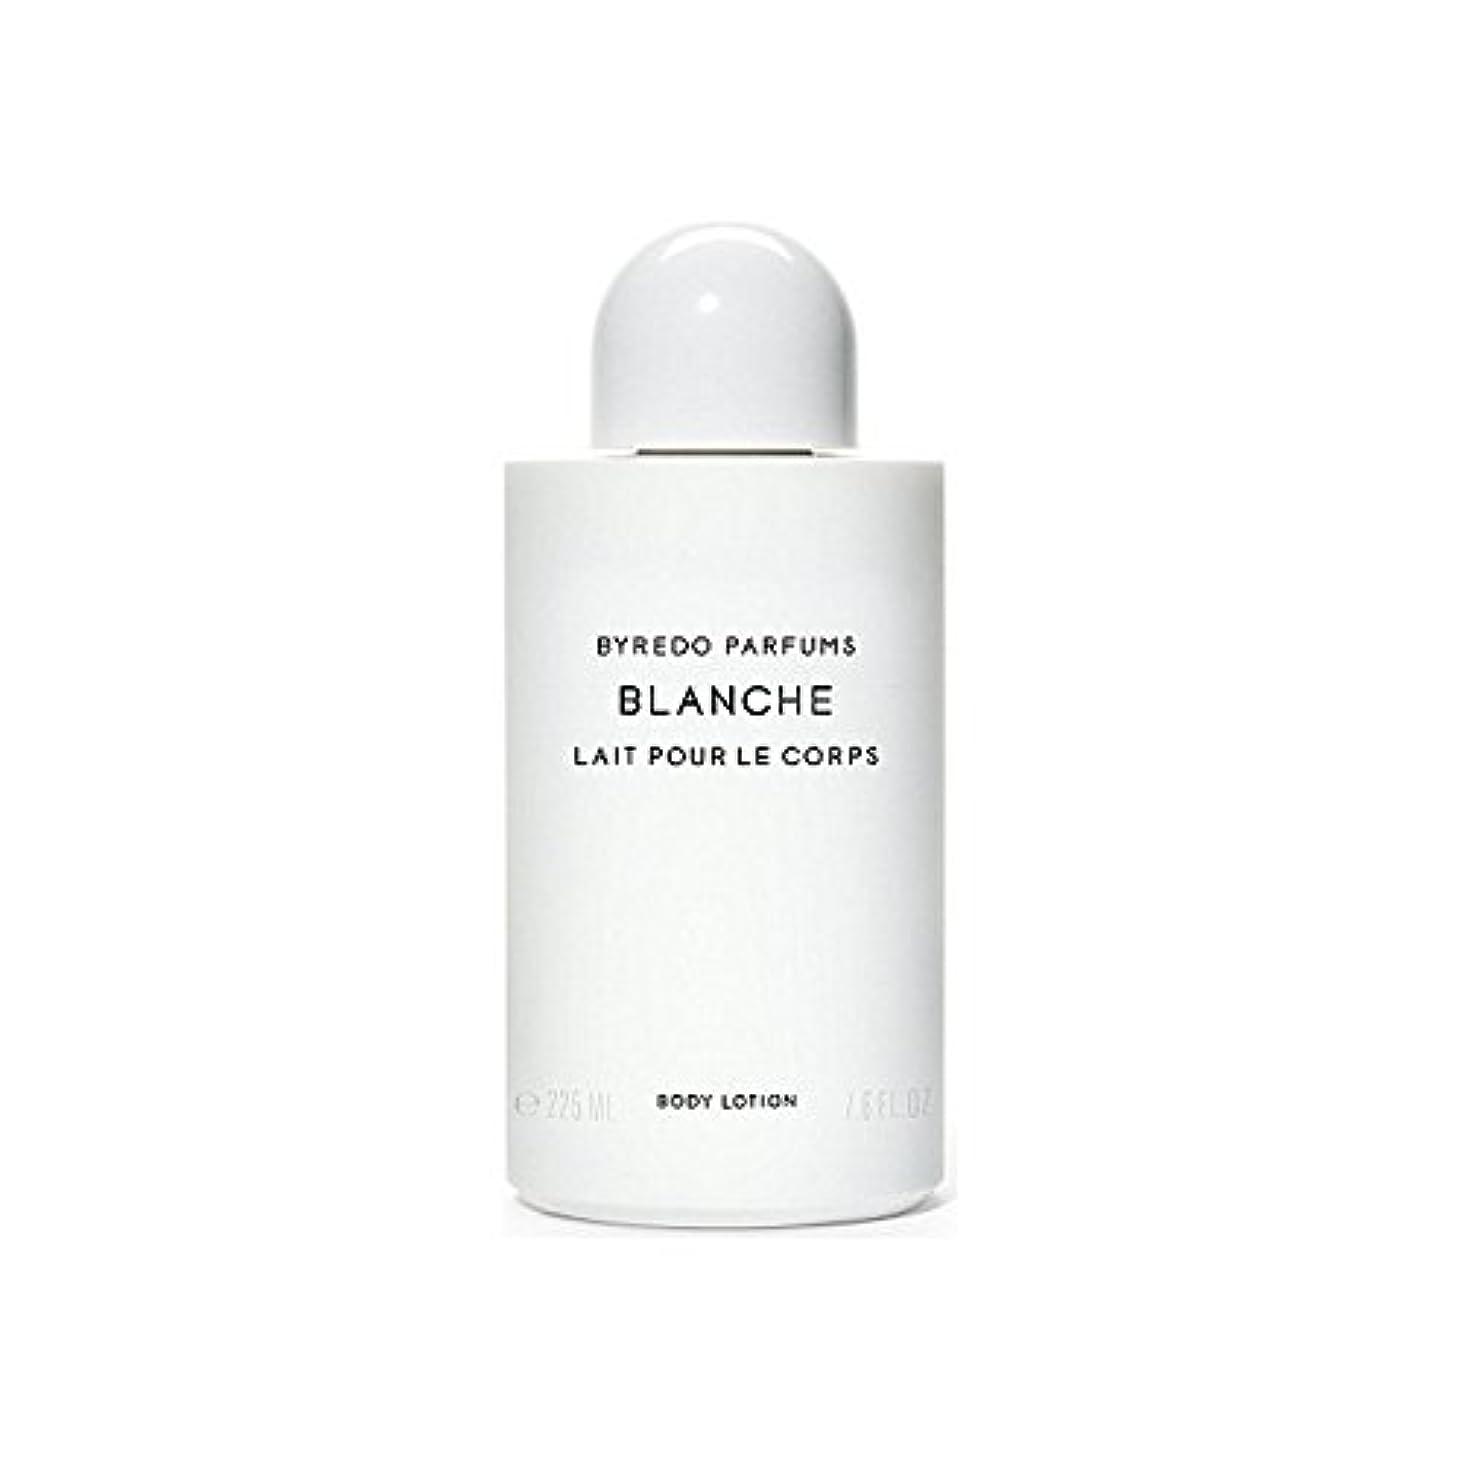 段落消防士コンパクトブランシュボディローション225ミリリットル x2 - Byredo Blanche Body Lotion 225ml (Pack of 2) [並行輸入品]